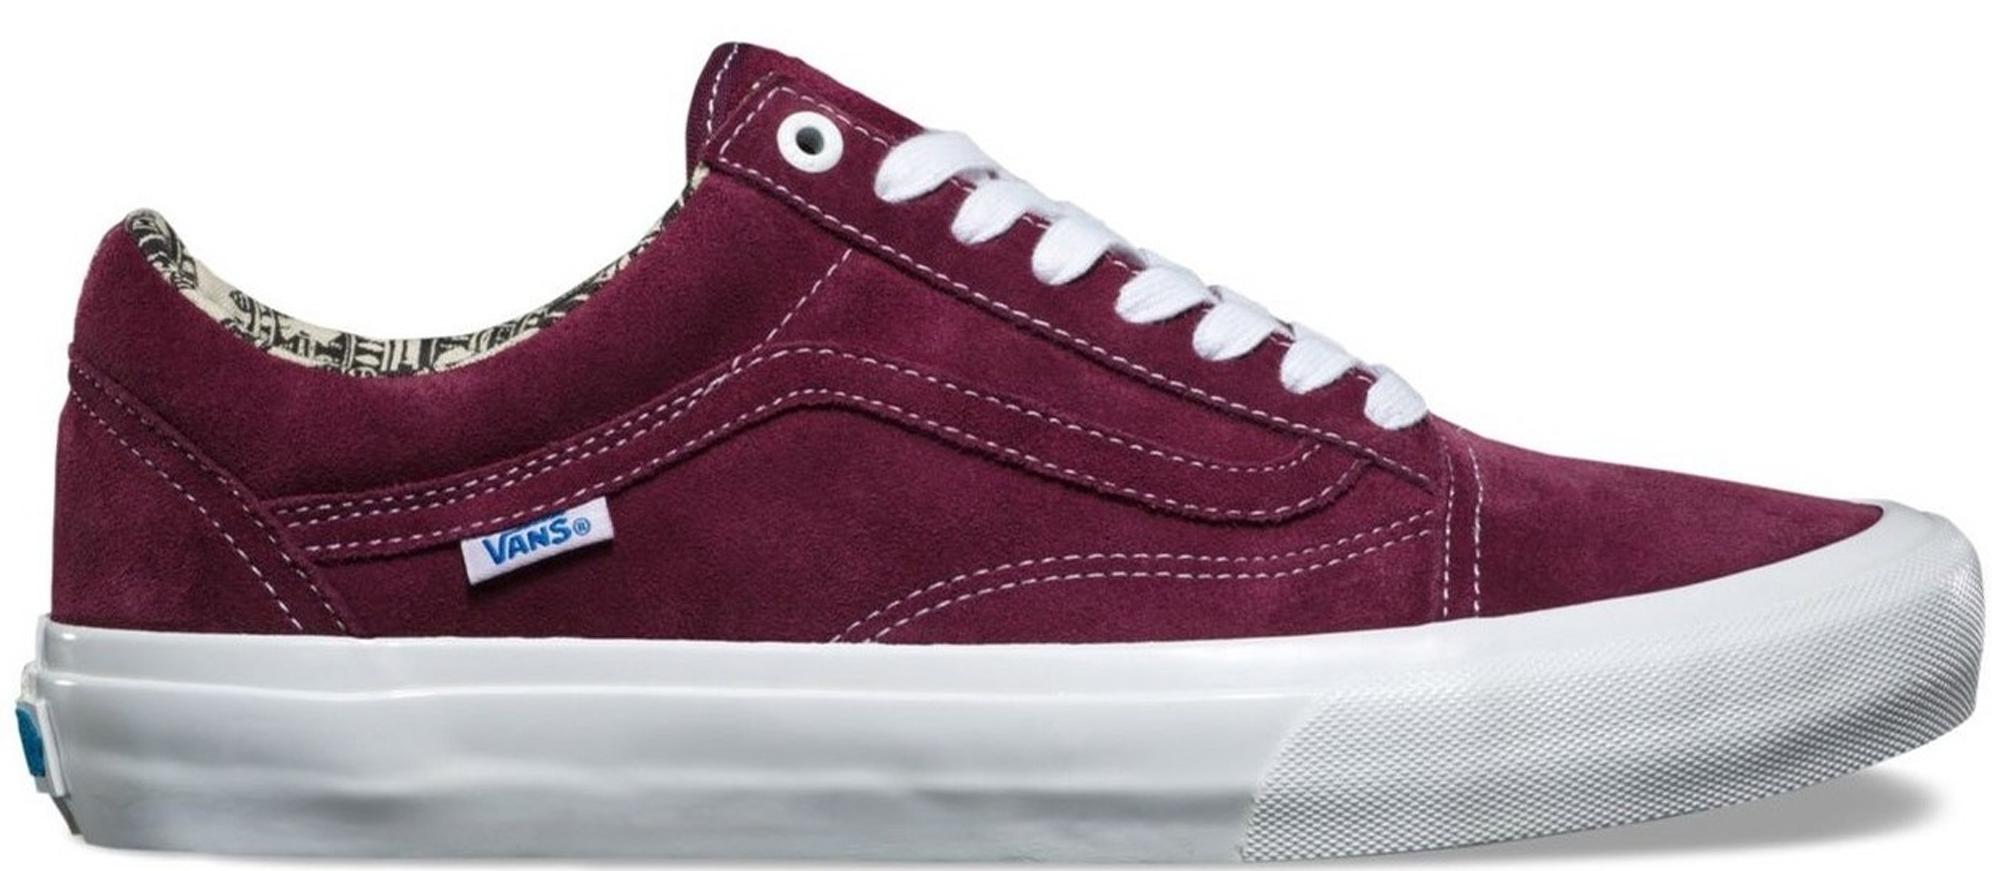 Vans Old Skool Ray Barbee - Sneakers